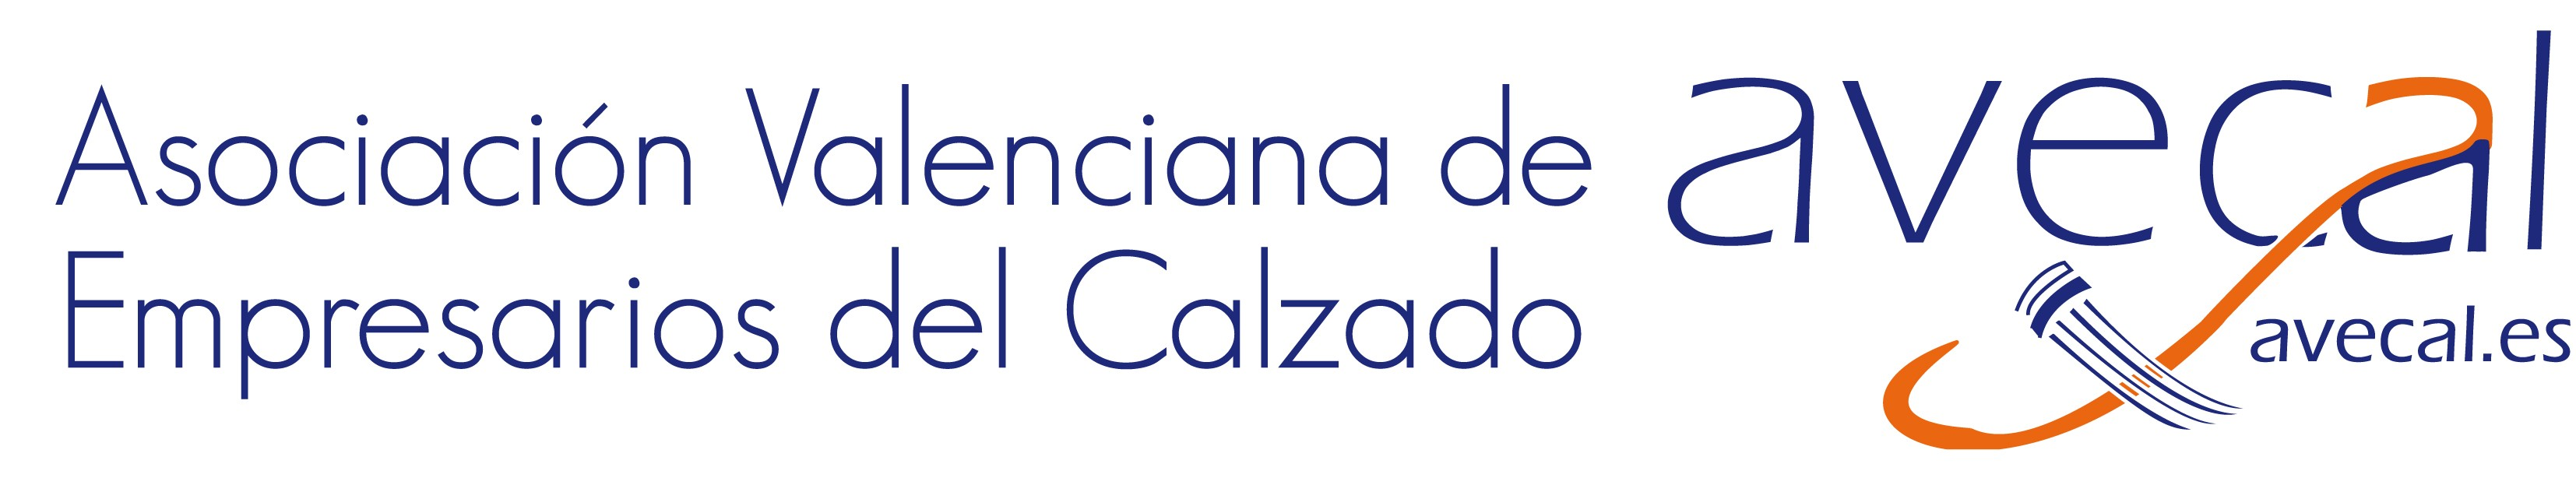 e8d6bfd81acf0 AVECAL - Asociación Valenciana de Empresarios del Calzado cover image